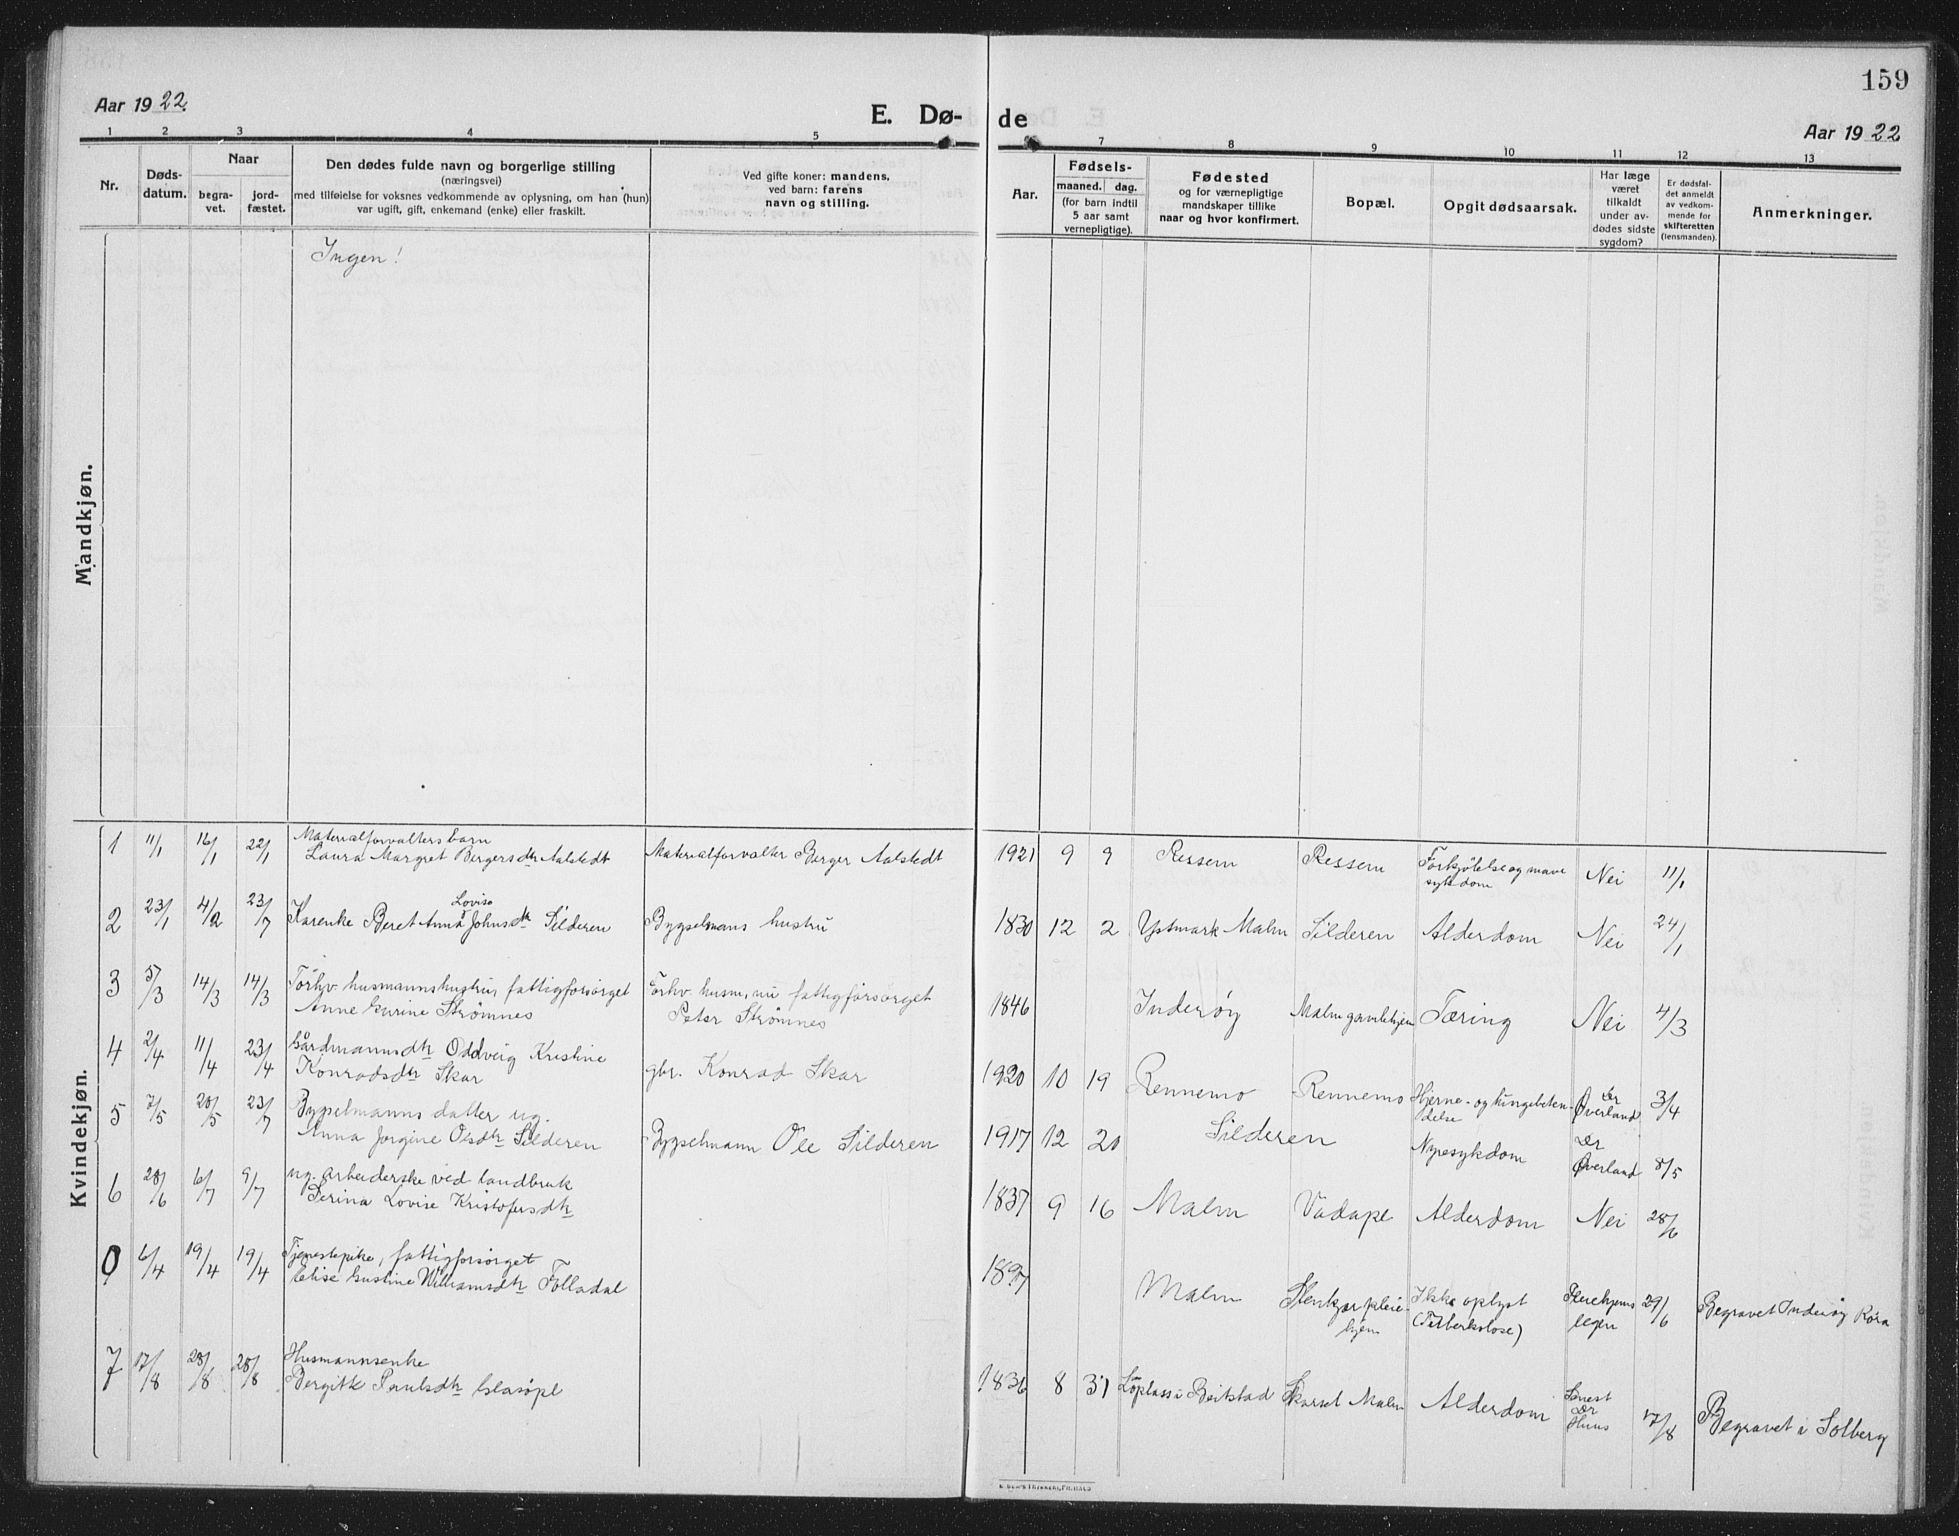 SAT, Ministerialprotokoller, klokkerbøker og fødselsregistre - Nord-Trøndelag, 745/L0434: Klokkerbok nr. 745C03, 1914-1937, s. 159